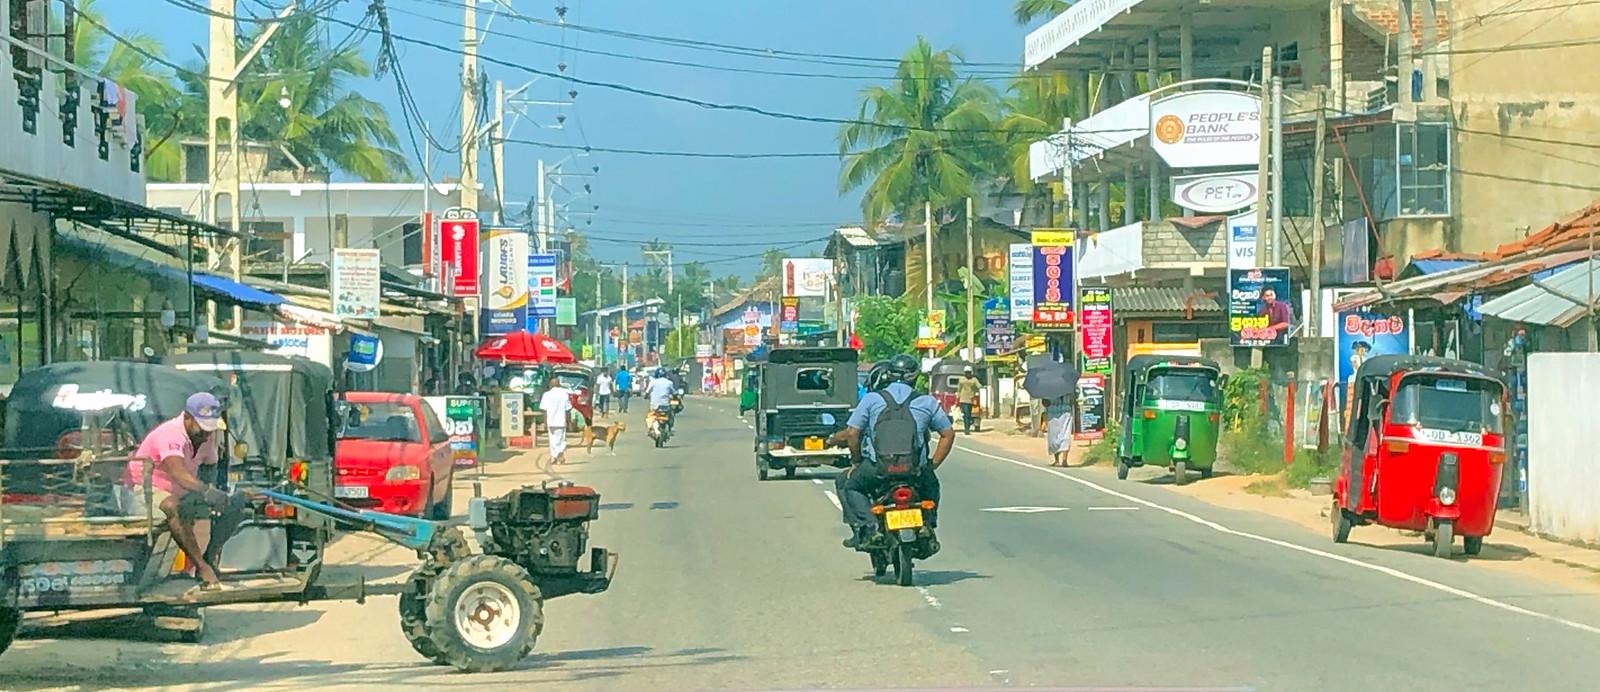 Qué hacer en Unawatuna, Sri Lanka qué hacer en unawatuna - 33260184848 4239df68a4 h - Qué hacer en Unawatuna, el paraíso de Sri Lanka